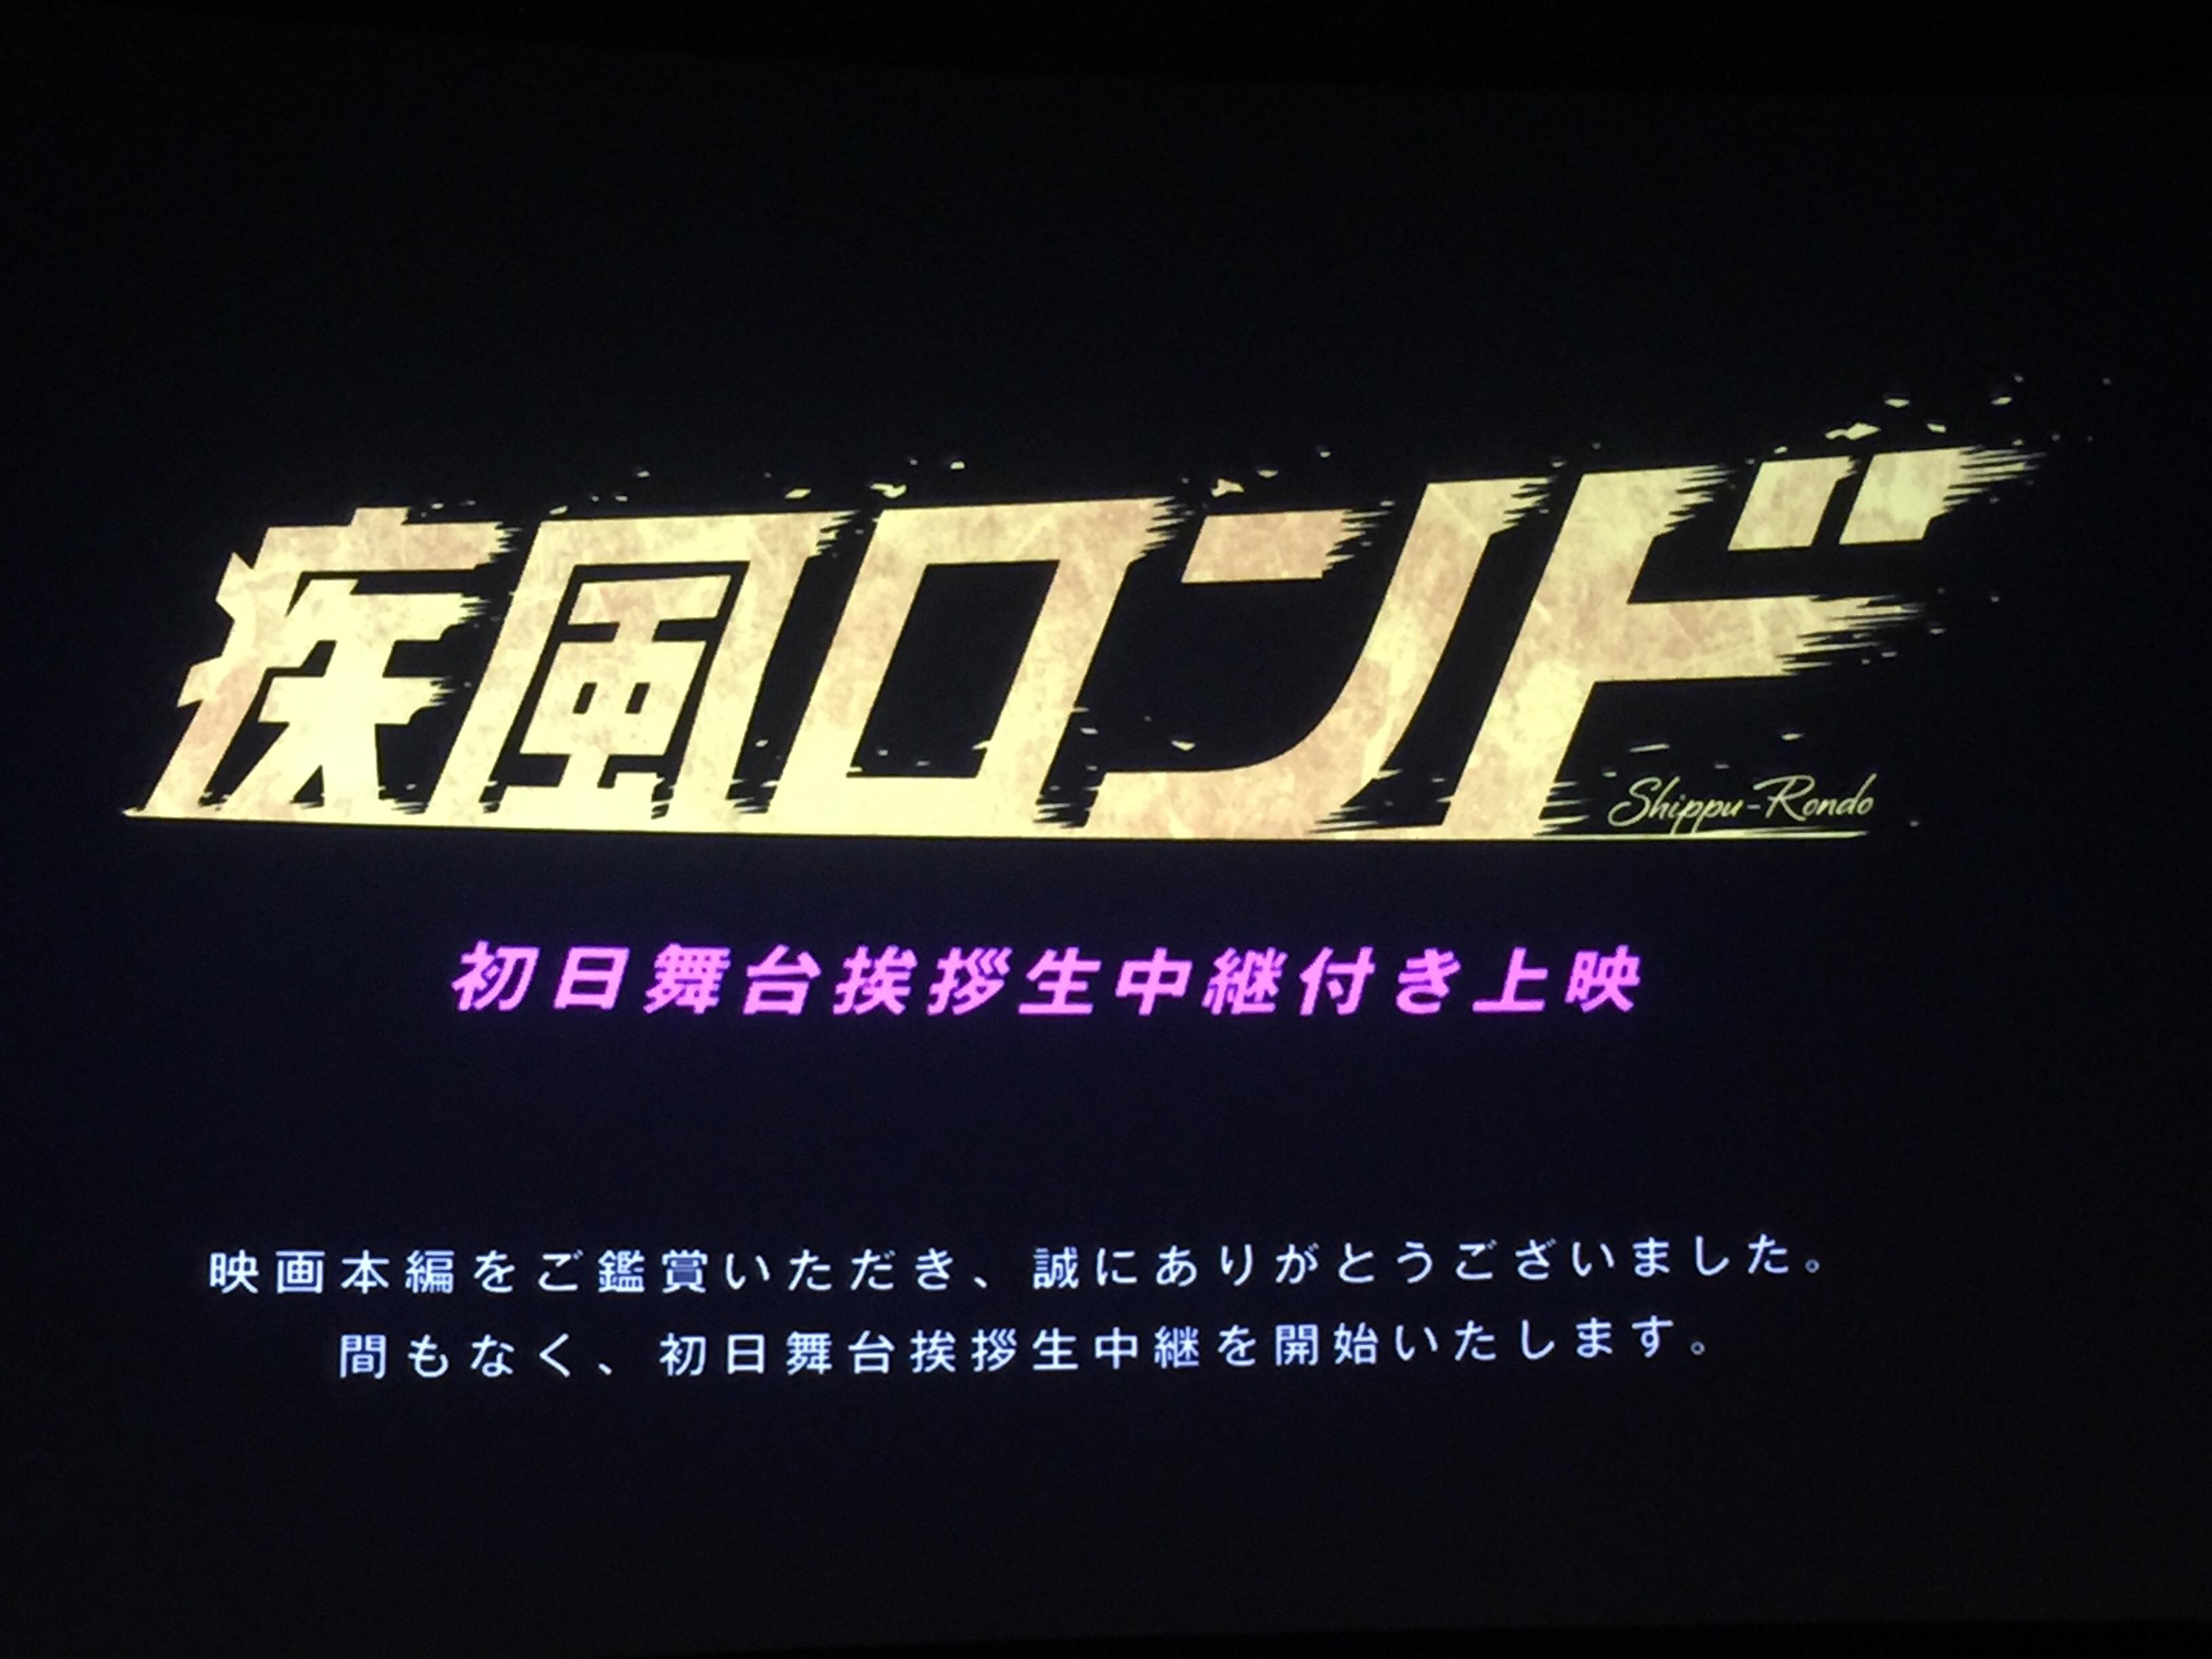 『疾風ロンド』 感想 映画 東野圭吾